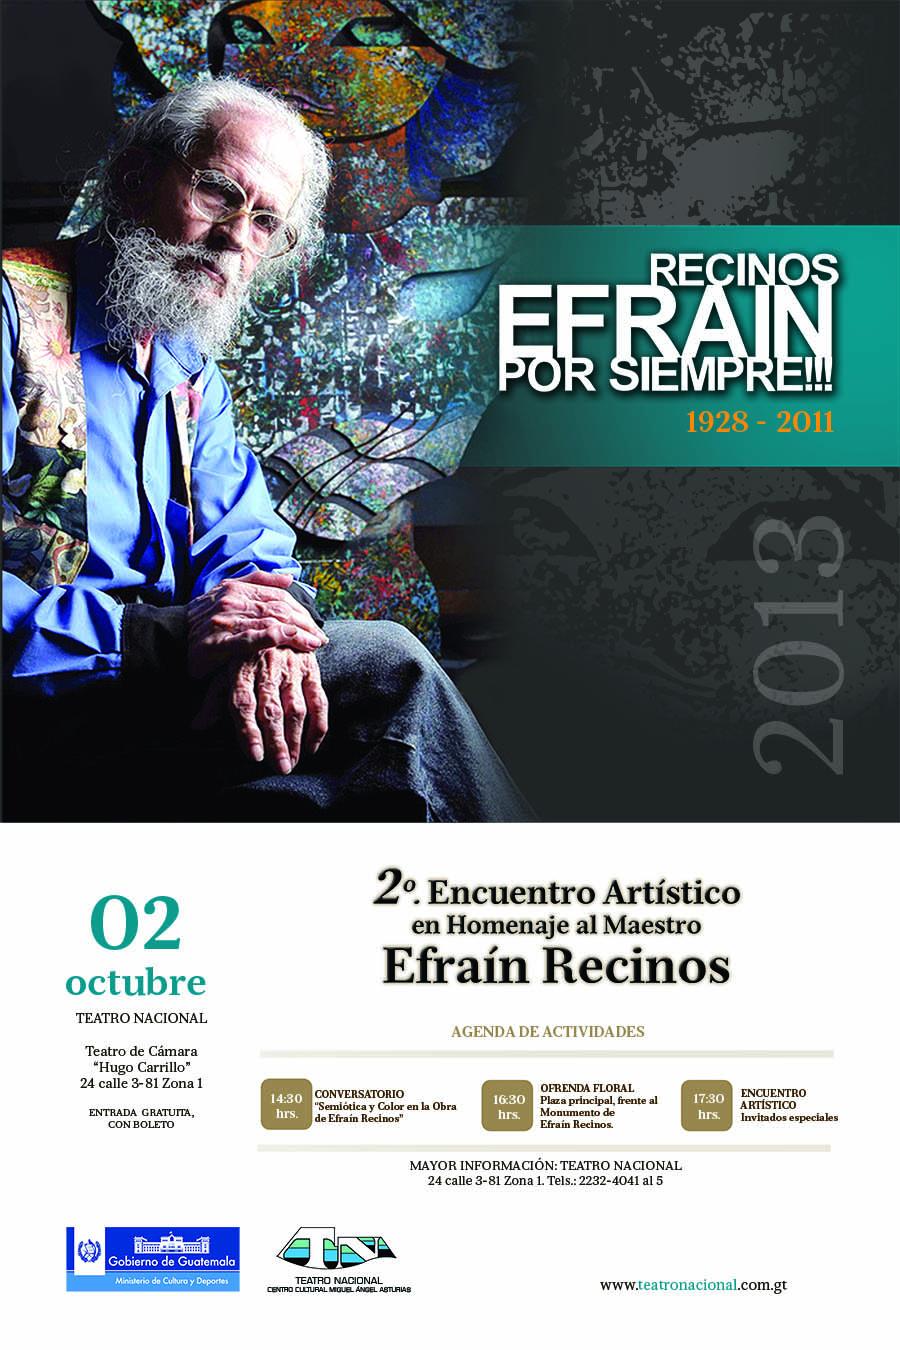 afiche Efrain recinosbr